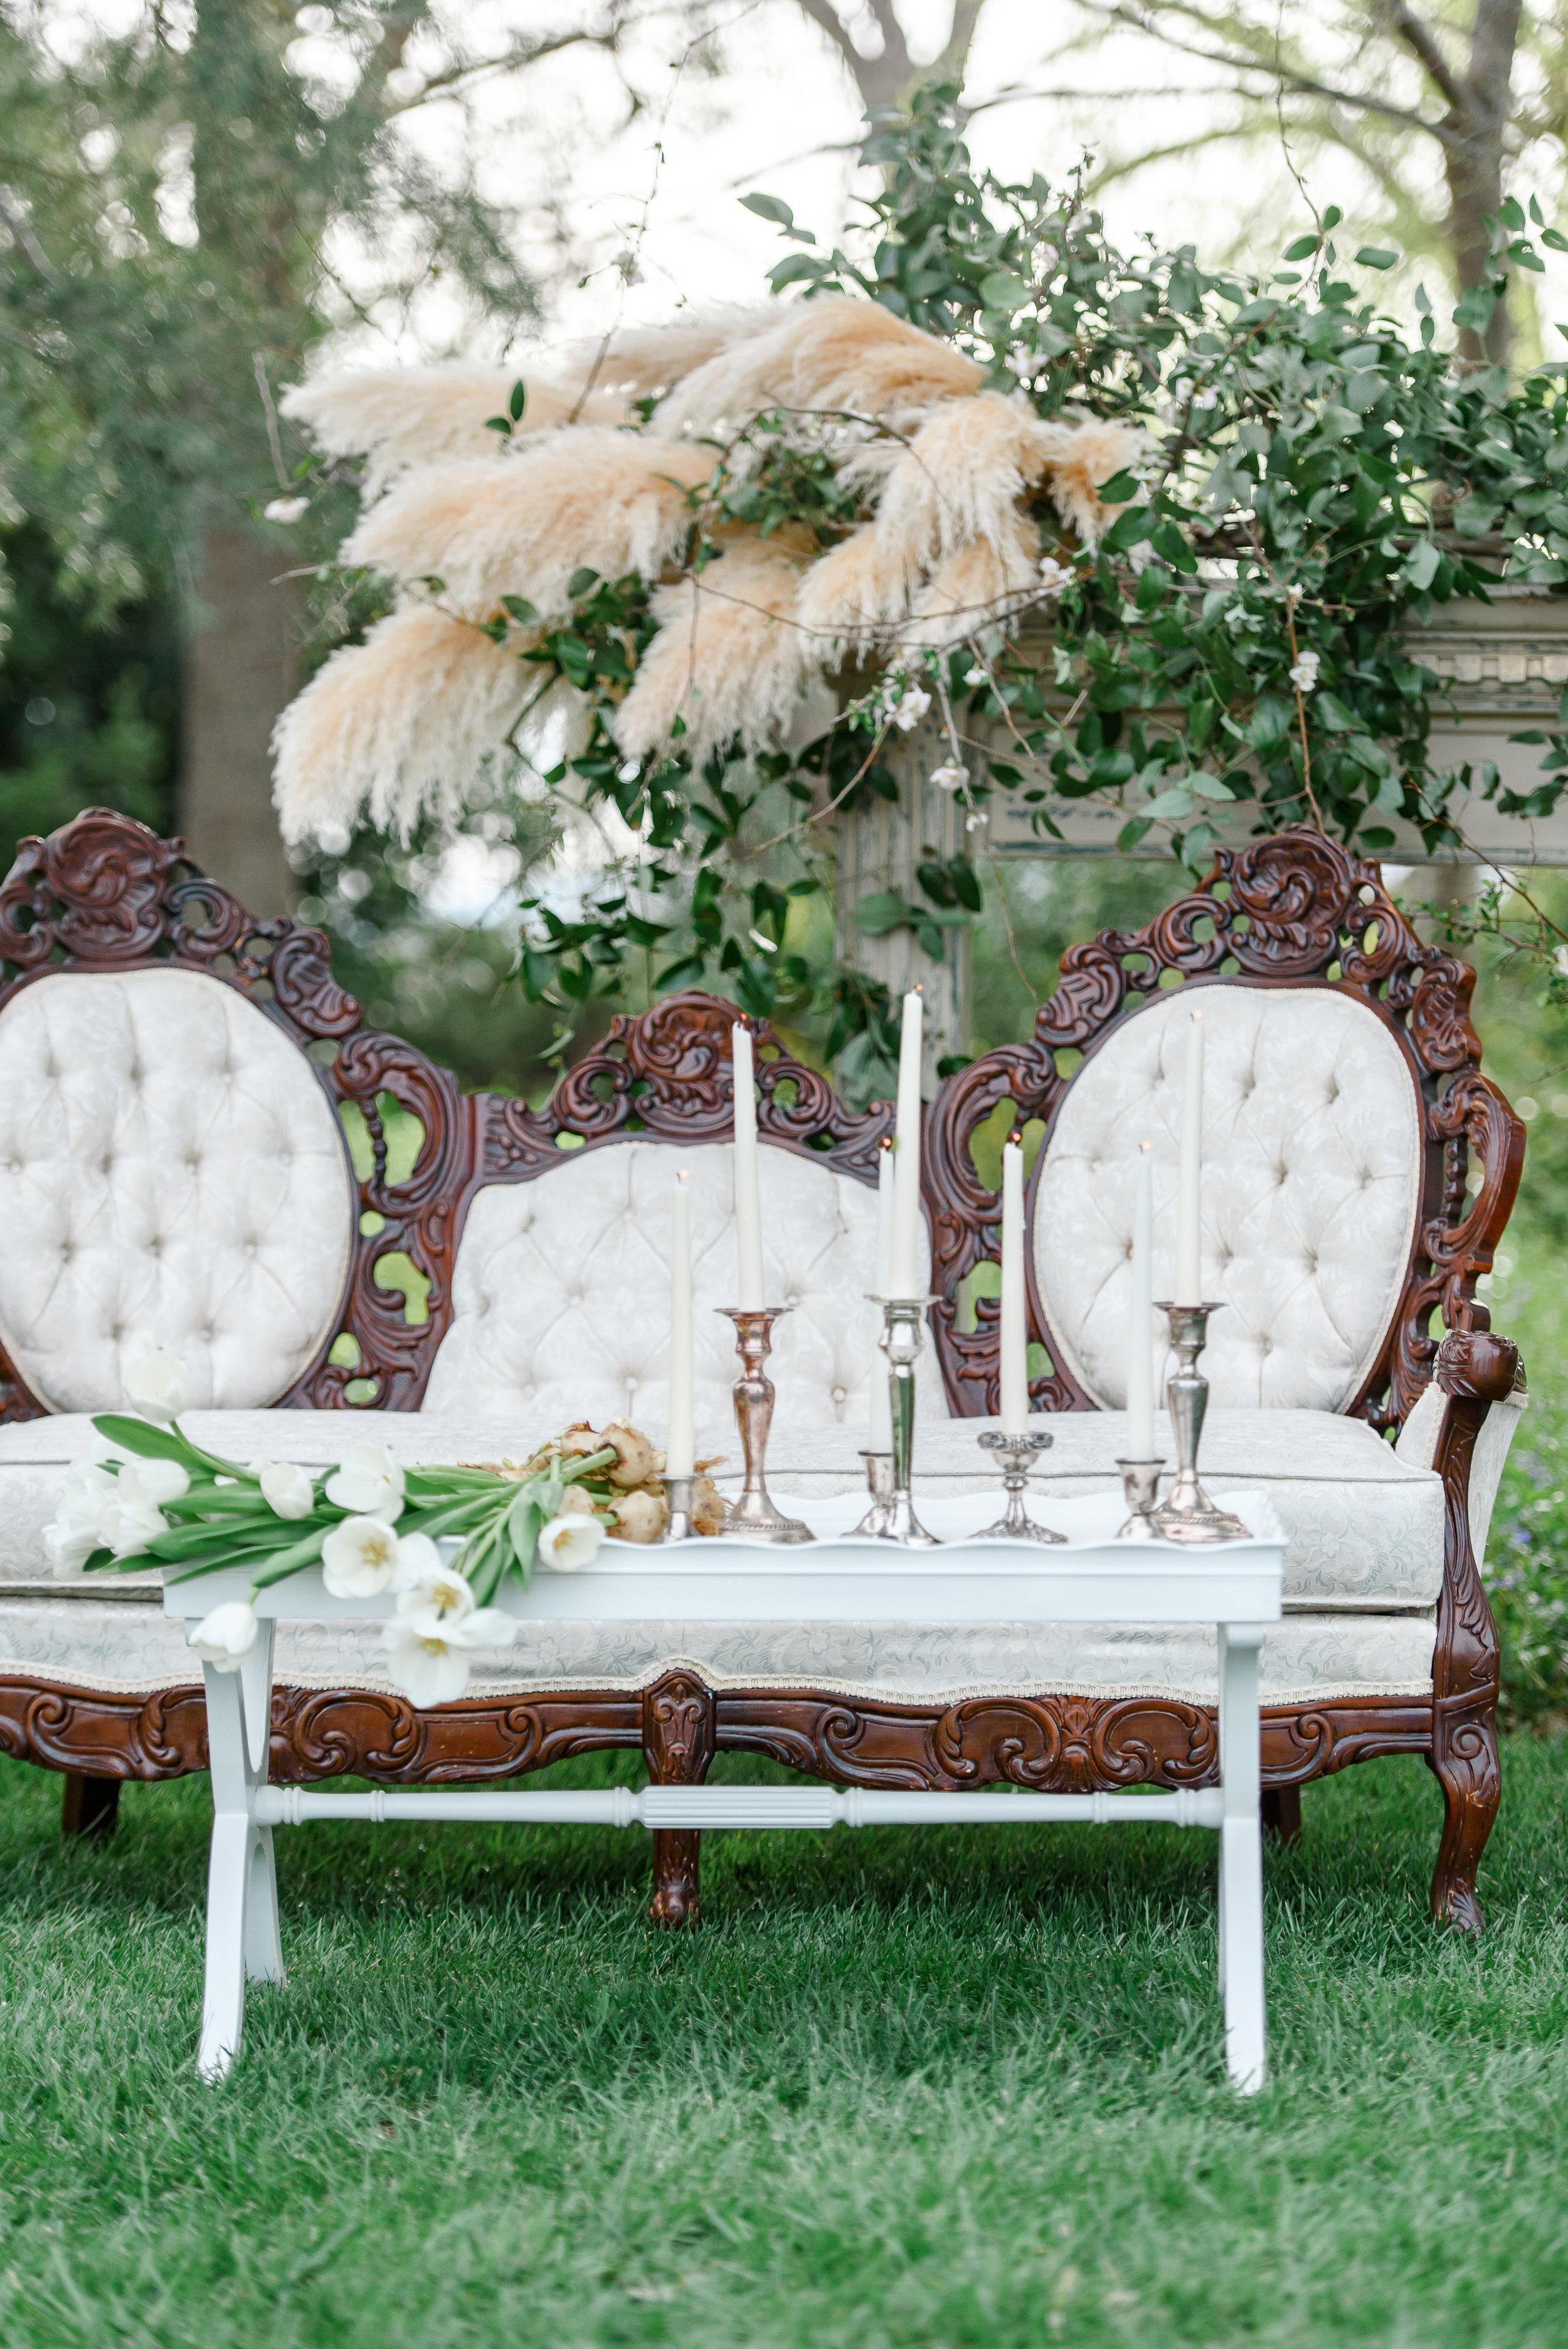 Garden Wedding Inspiration | Vintage Wedding Seating | Wedding Lounge Seating